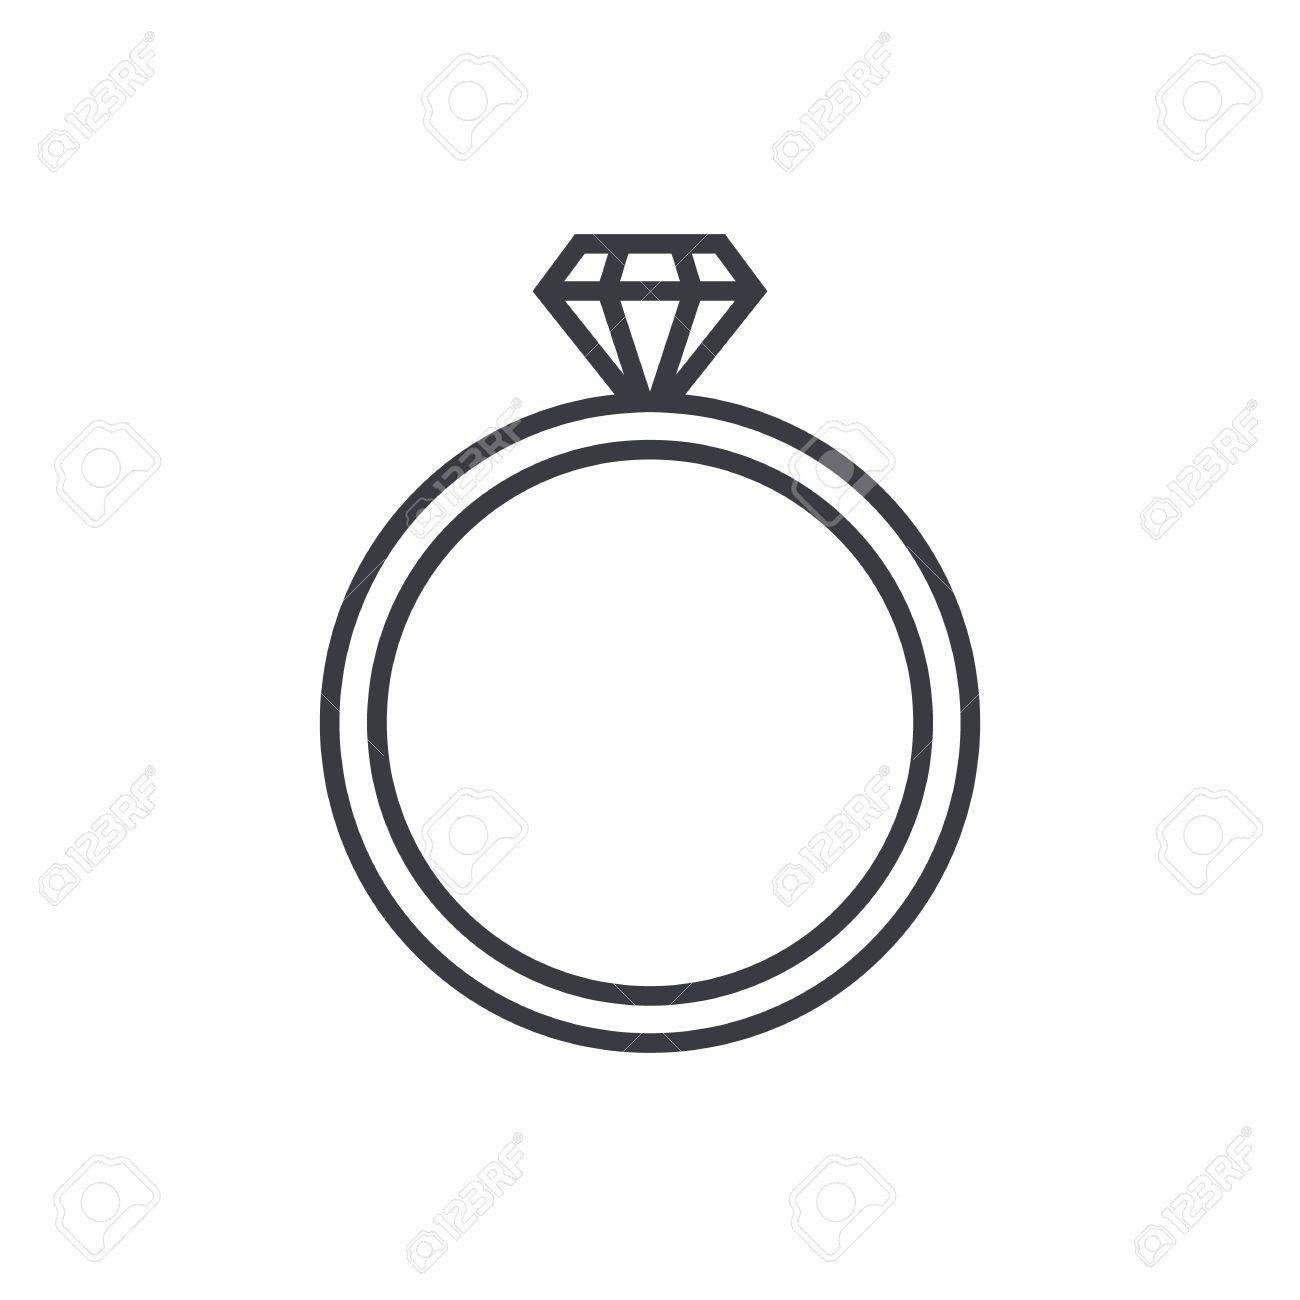 Bague en diamant de mariage icône de contour, style moderne de design plat minime.